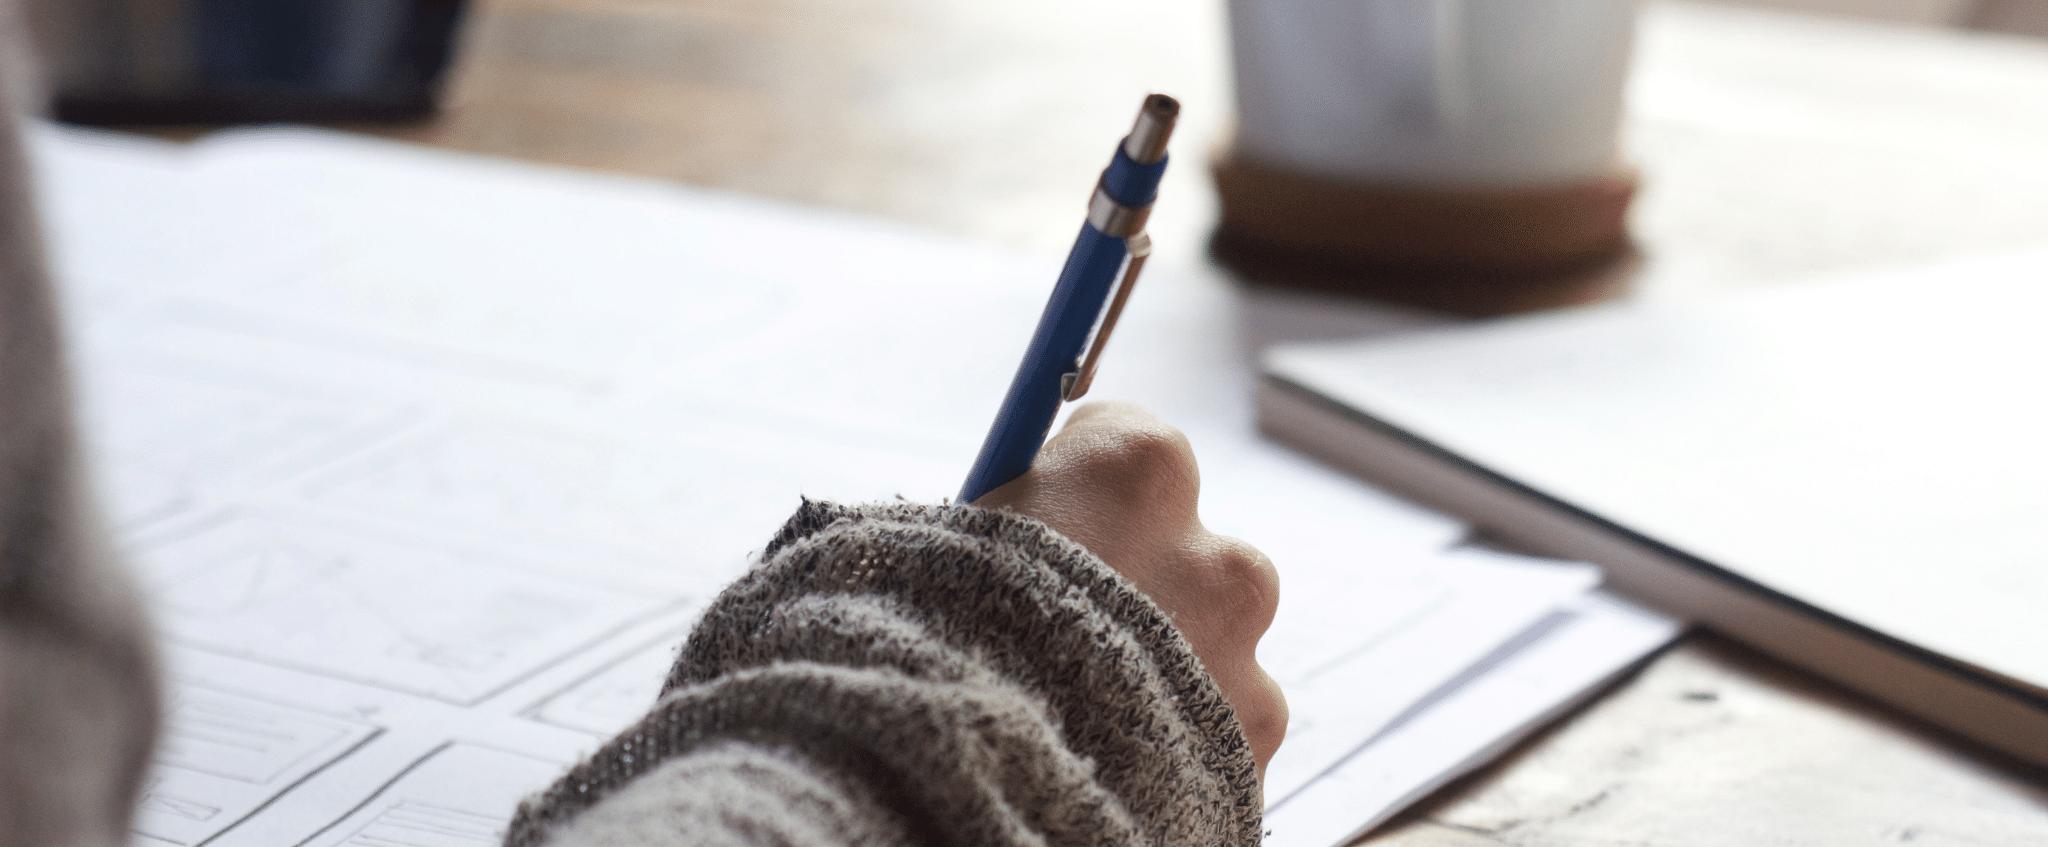 Auxiliar administrativo Madrid: todo lo que debes saber para serlo